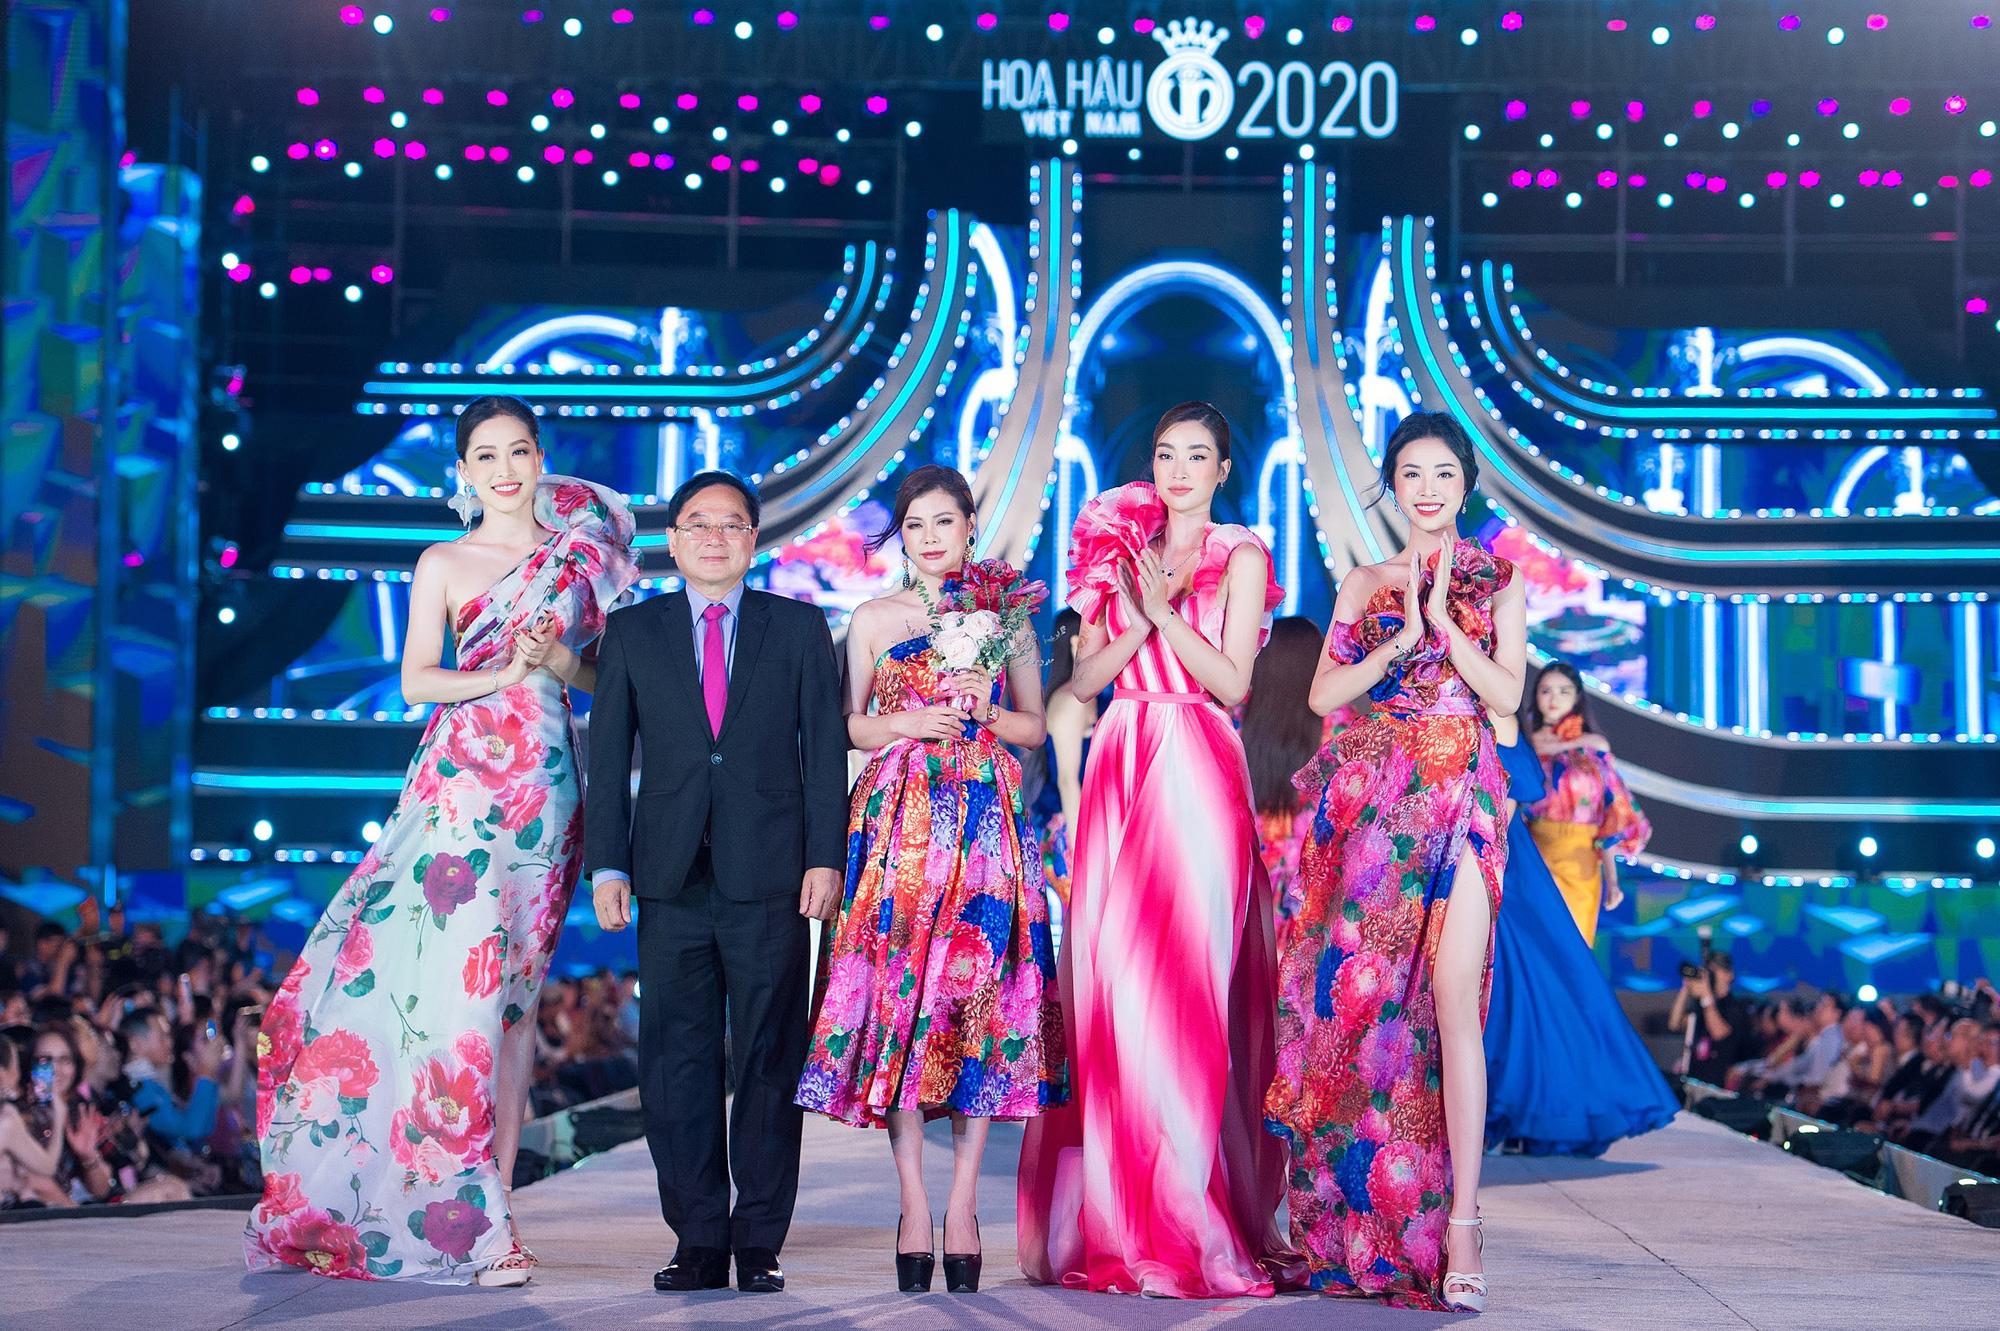 Mãn nhãn với đêm thi Người đẹp Thời trang của các thí sinh HHVN 2020 trong trang phục Neva - Ảnh 4.